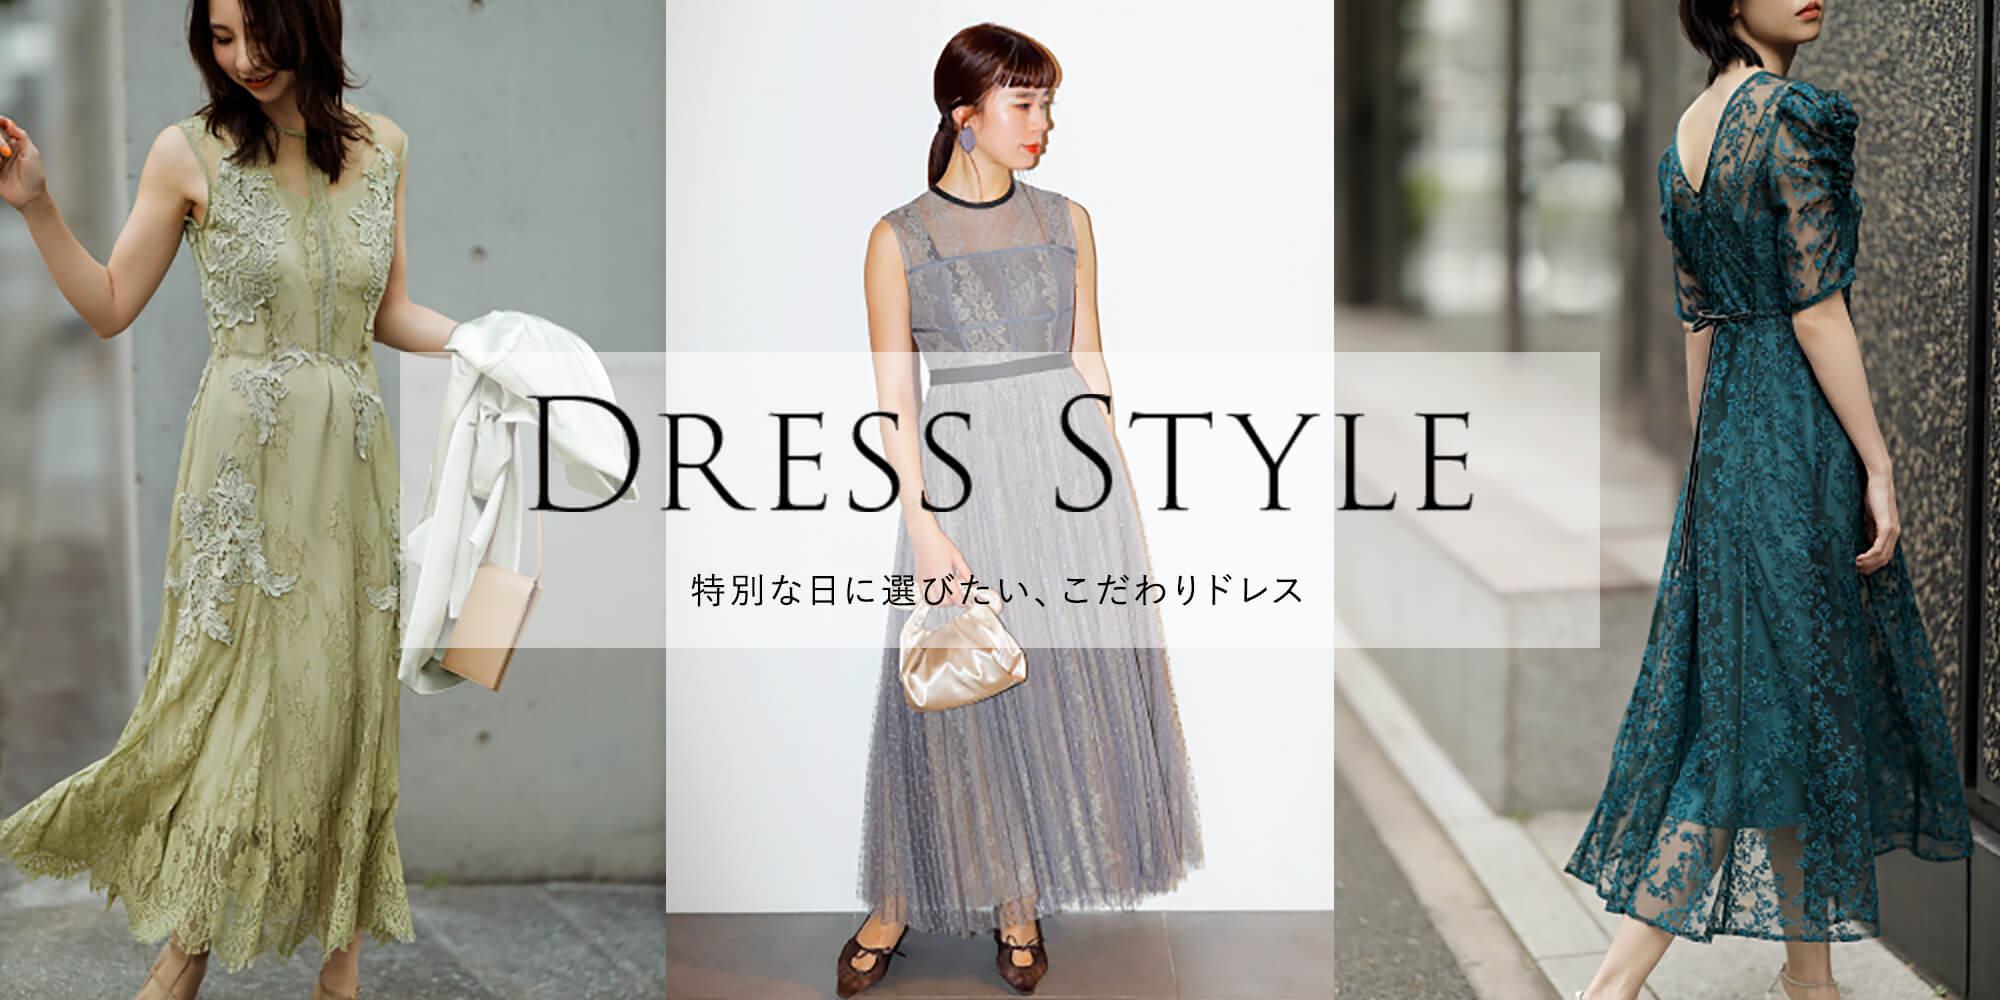 DRESS STYLE 特別な日に選びたい、こだわりドレス